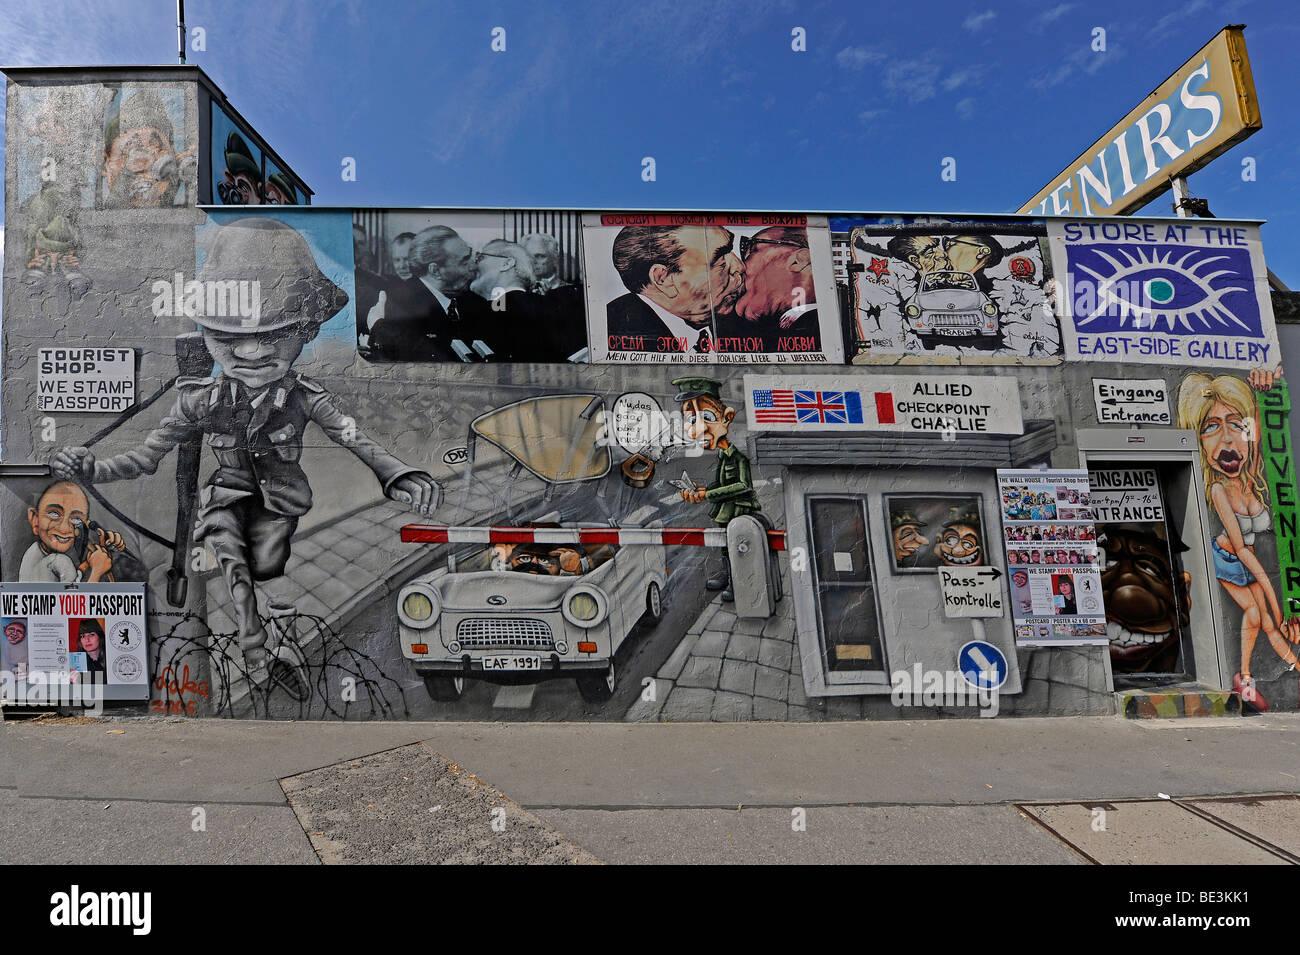 """Une partie de l'East Side Gallery"""", morceau du Mur de Berlin peint après la chute du Mur de Berlin, Photo Stock"""